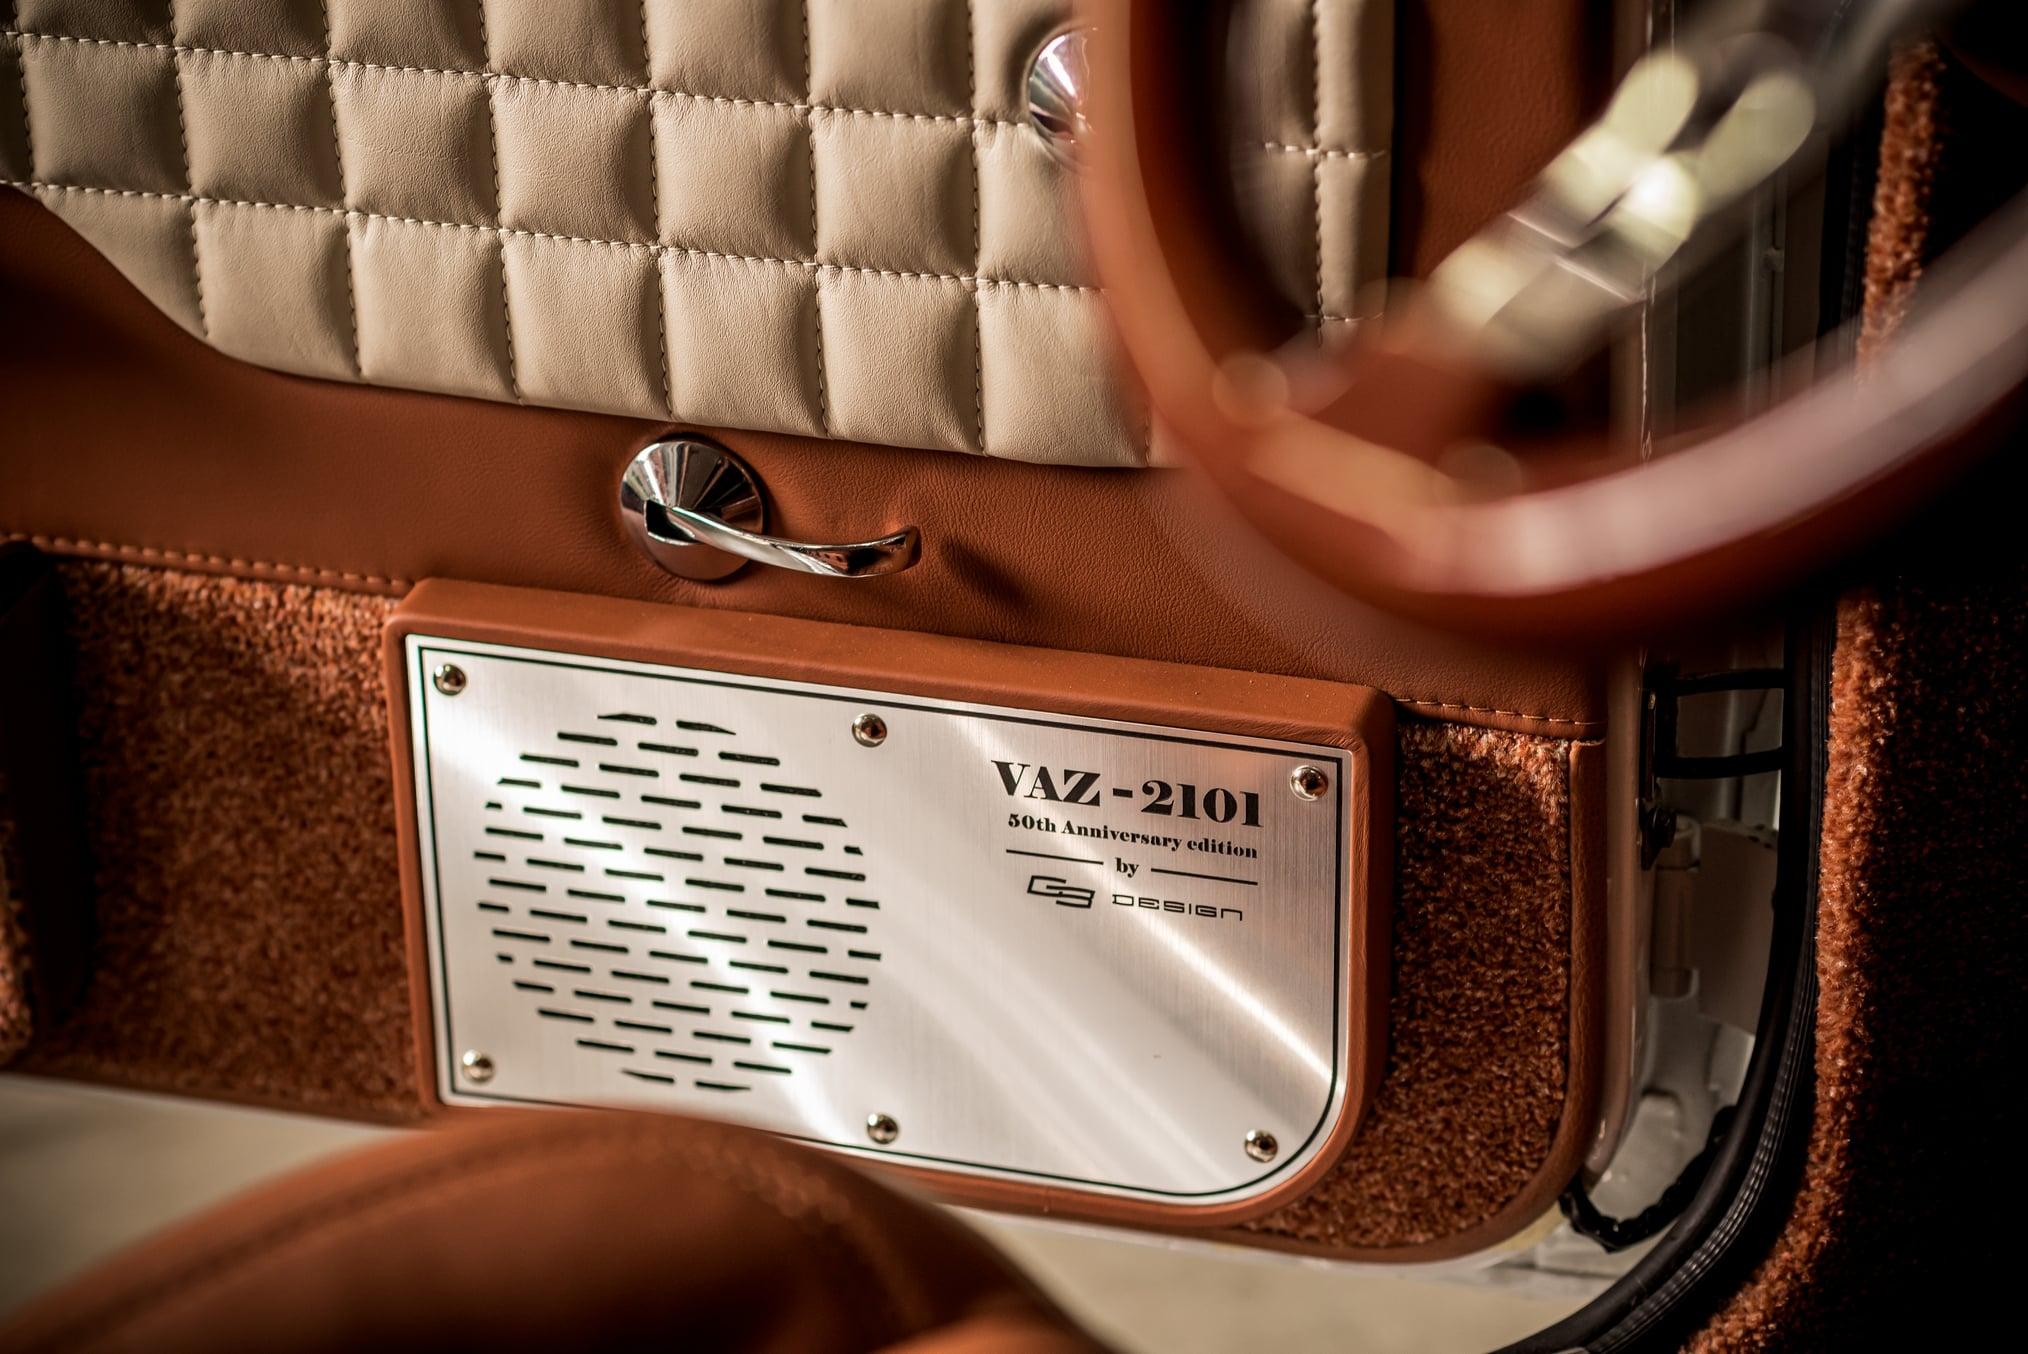 Lada-VAZ-2101-GB-Design-8